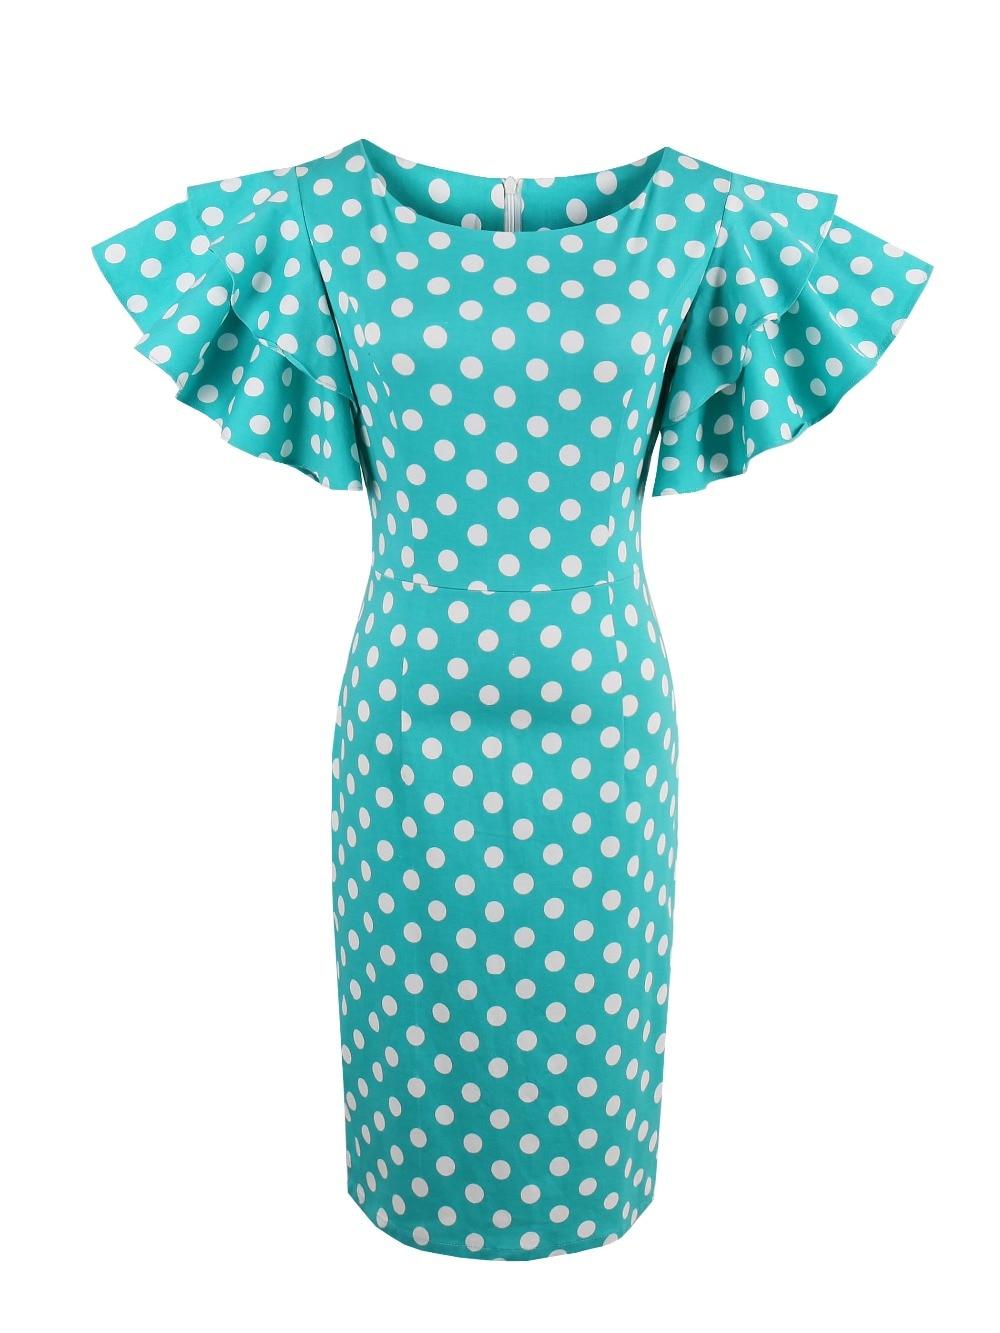 Fustanet verore të grave Sisjuly Bodycon Blu të bardha me Polka Dot - Veshje për femra - Foto 3